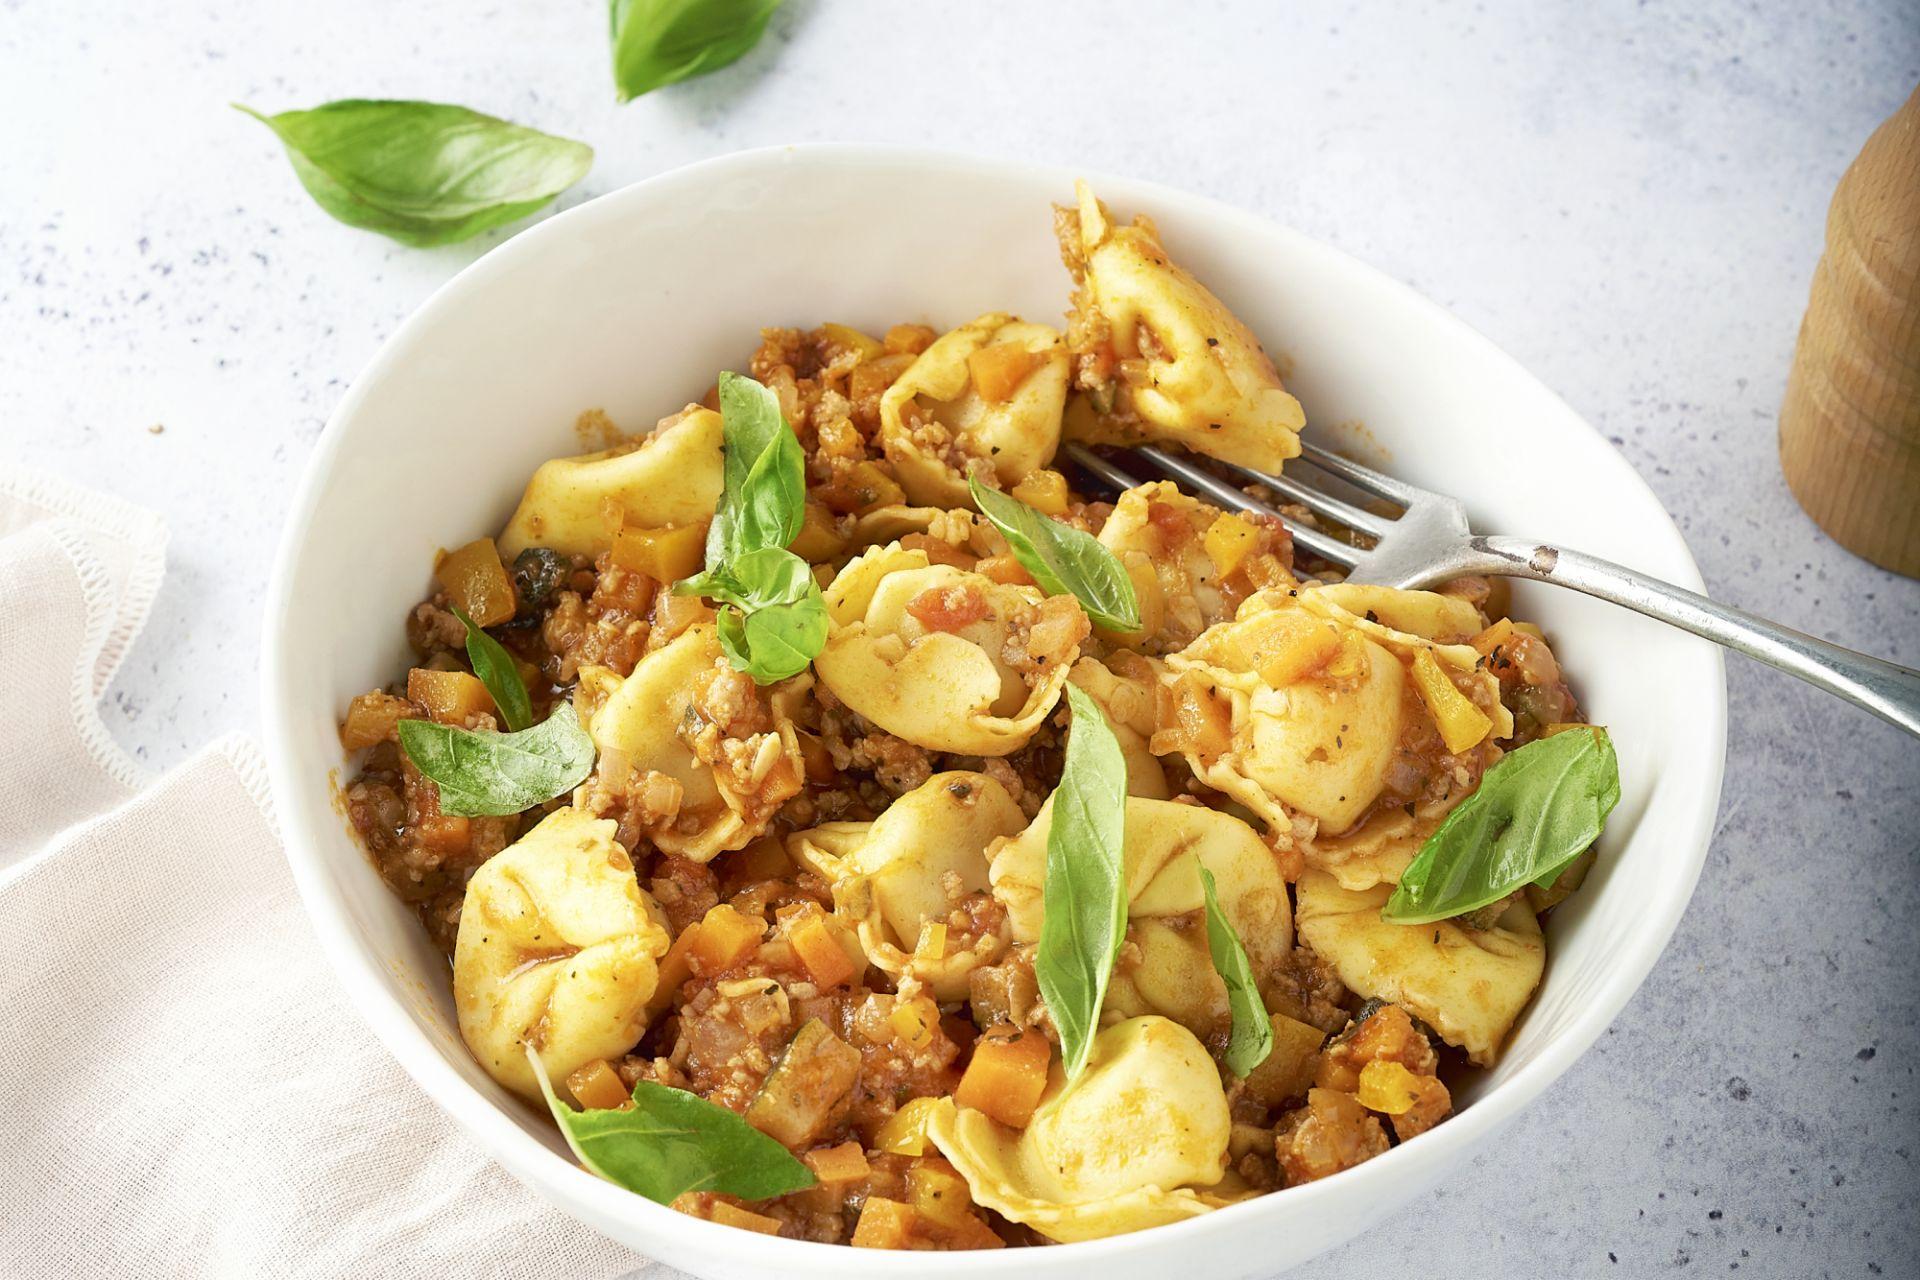 Kaastortellini met bolognaise-groentesaus